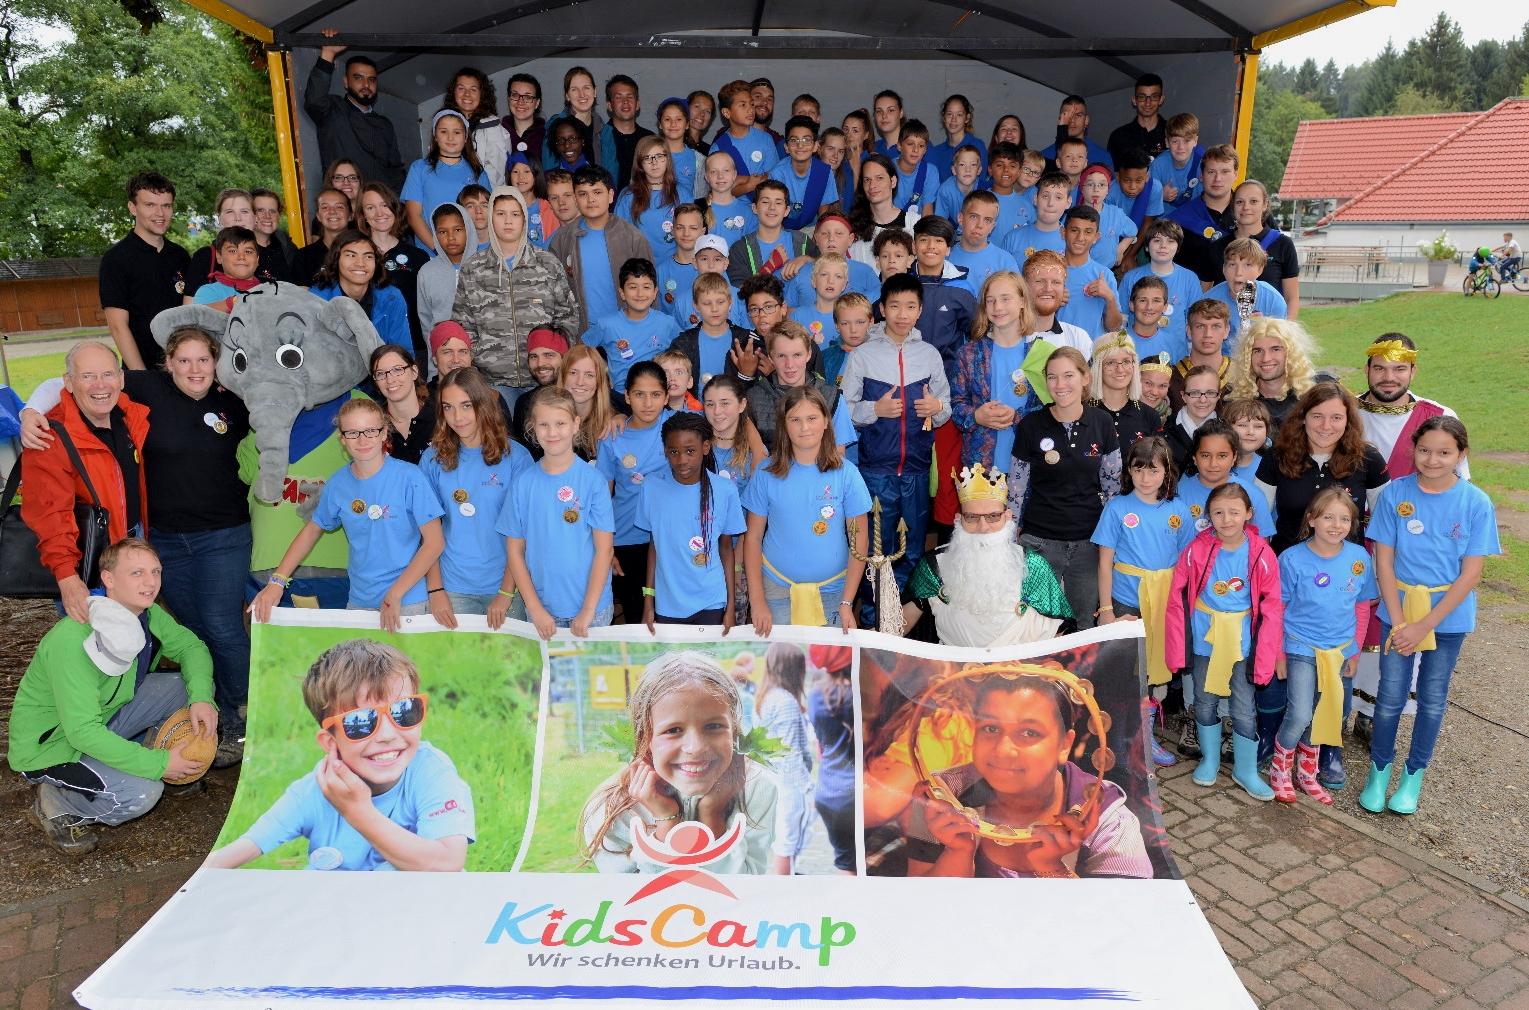 Abschlussfoto KidsCamp 2017